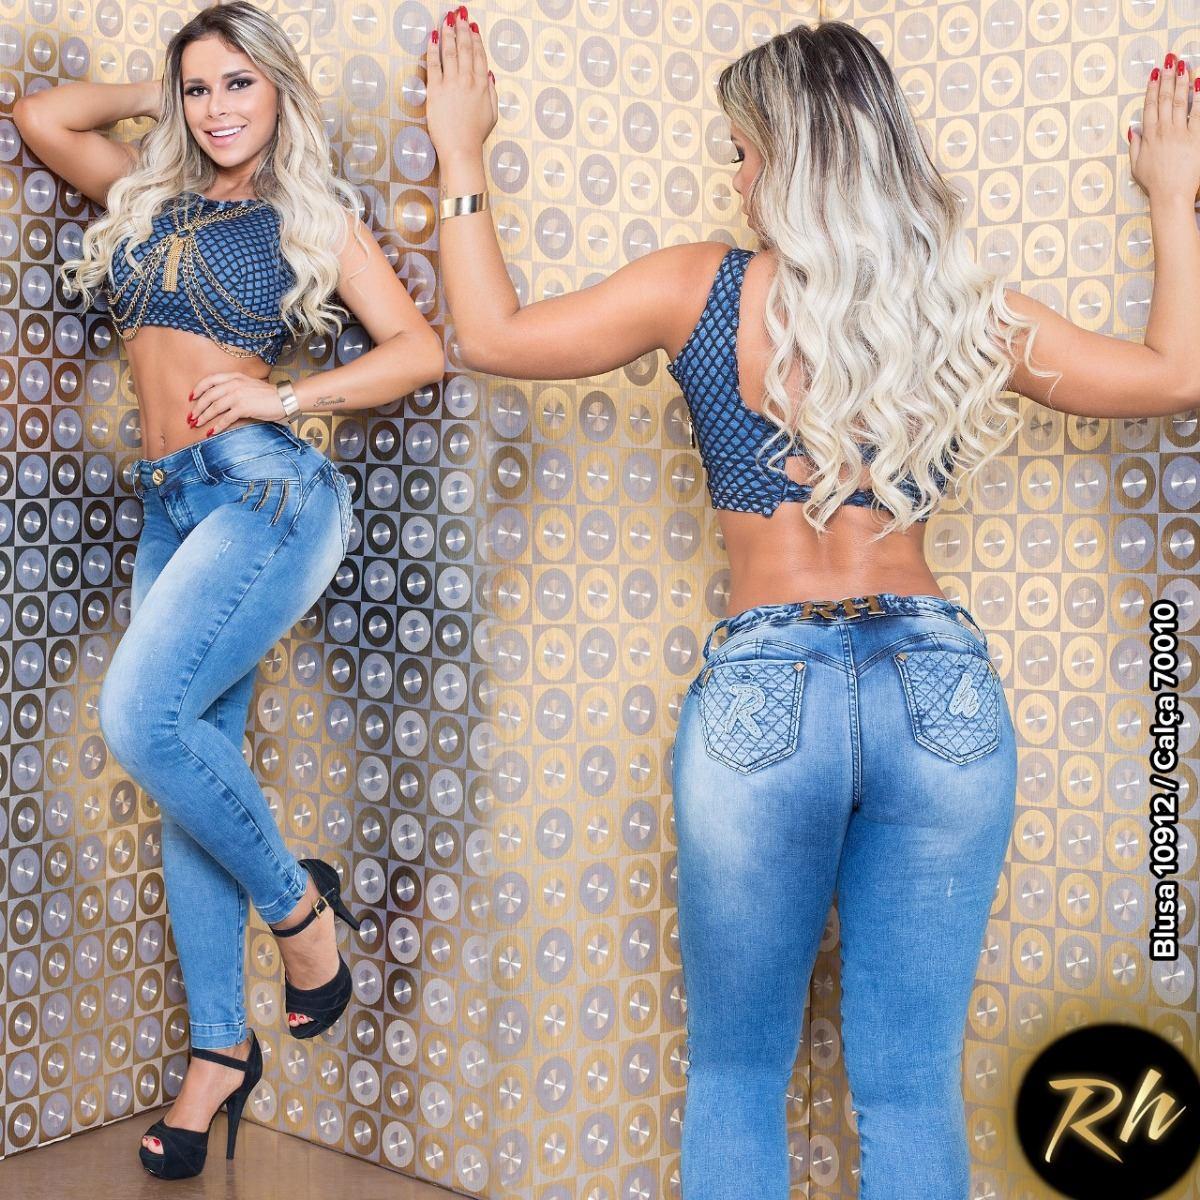 331144c08 Calça Jeans Rhero Estilo Pitbull Promoção Ref 70010 - R$ 258,90 em ...